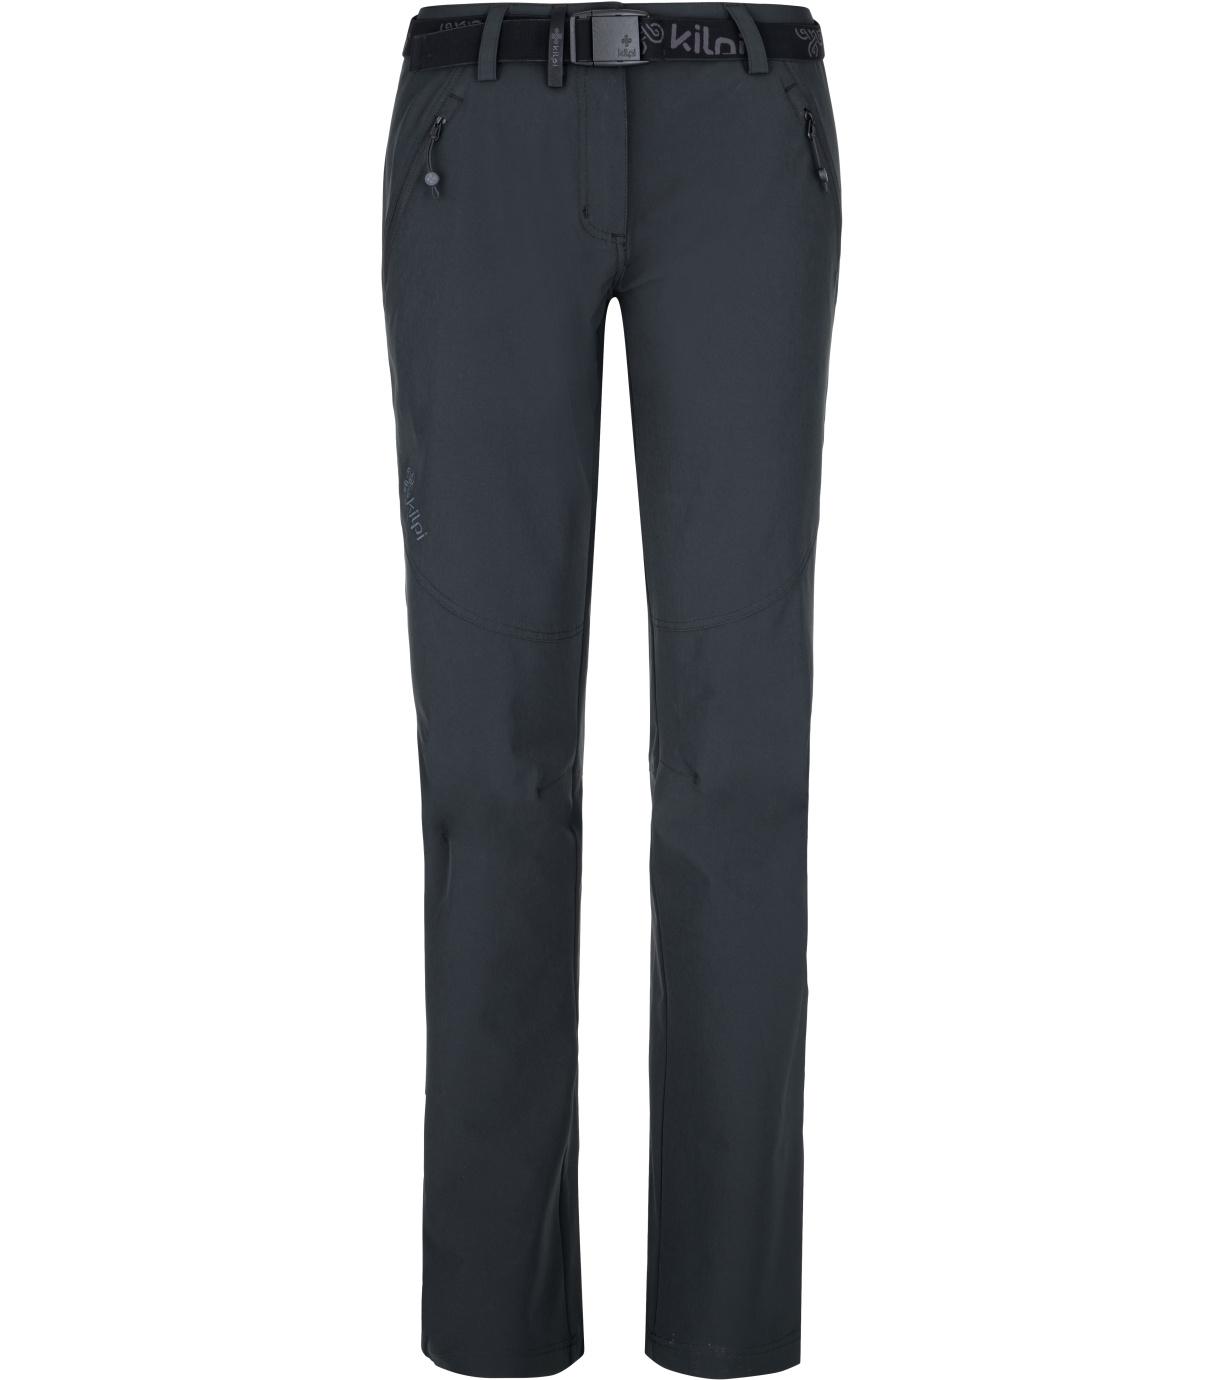 KILPI Dámské outdoorové kalhoty - větší velikosti WANAKA-W PLX027KIBLK Černá 50